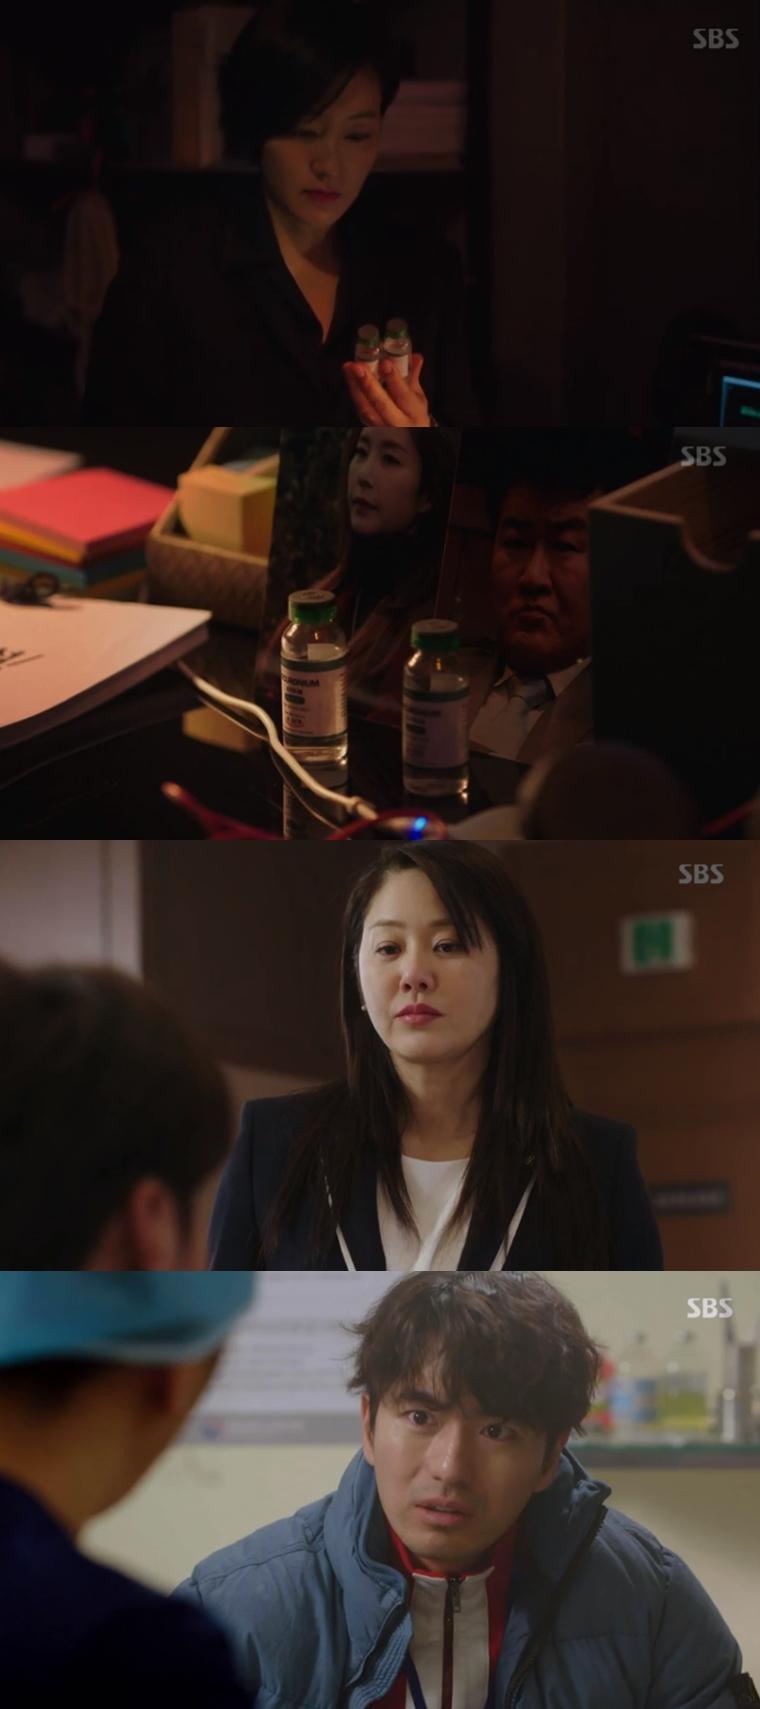 [Hi #리뷰]고현정 하차→박진희 합류 '리턴', 새롭게 연 2막